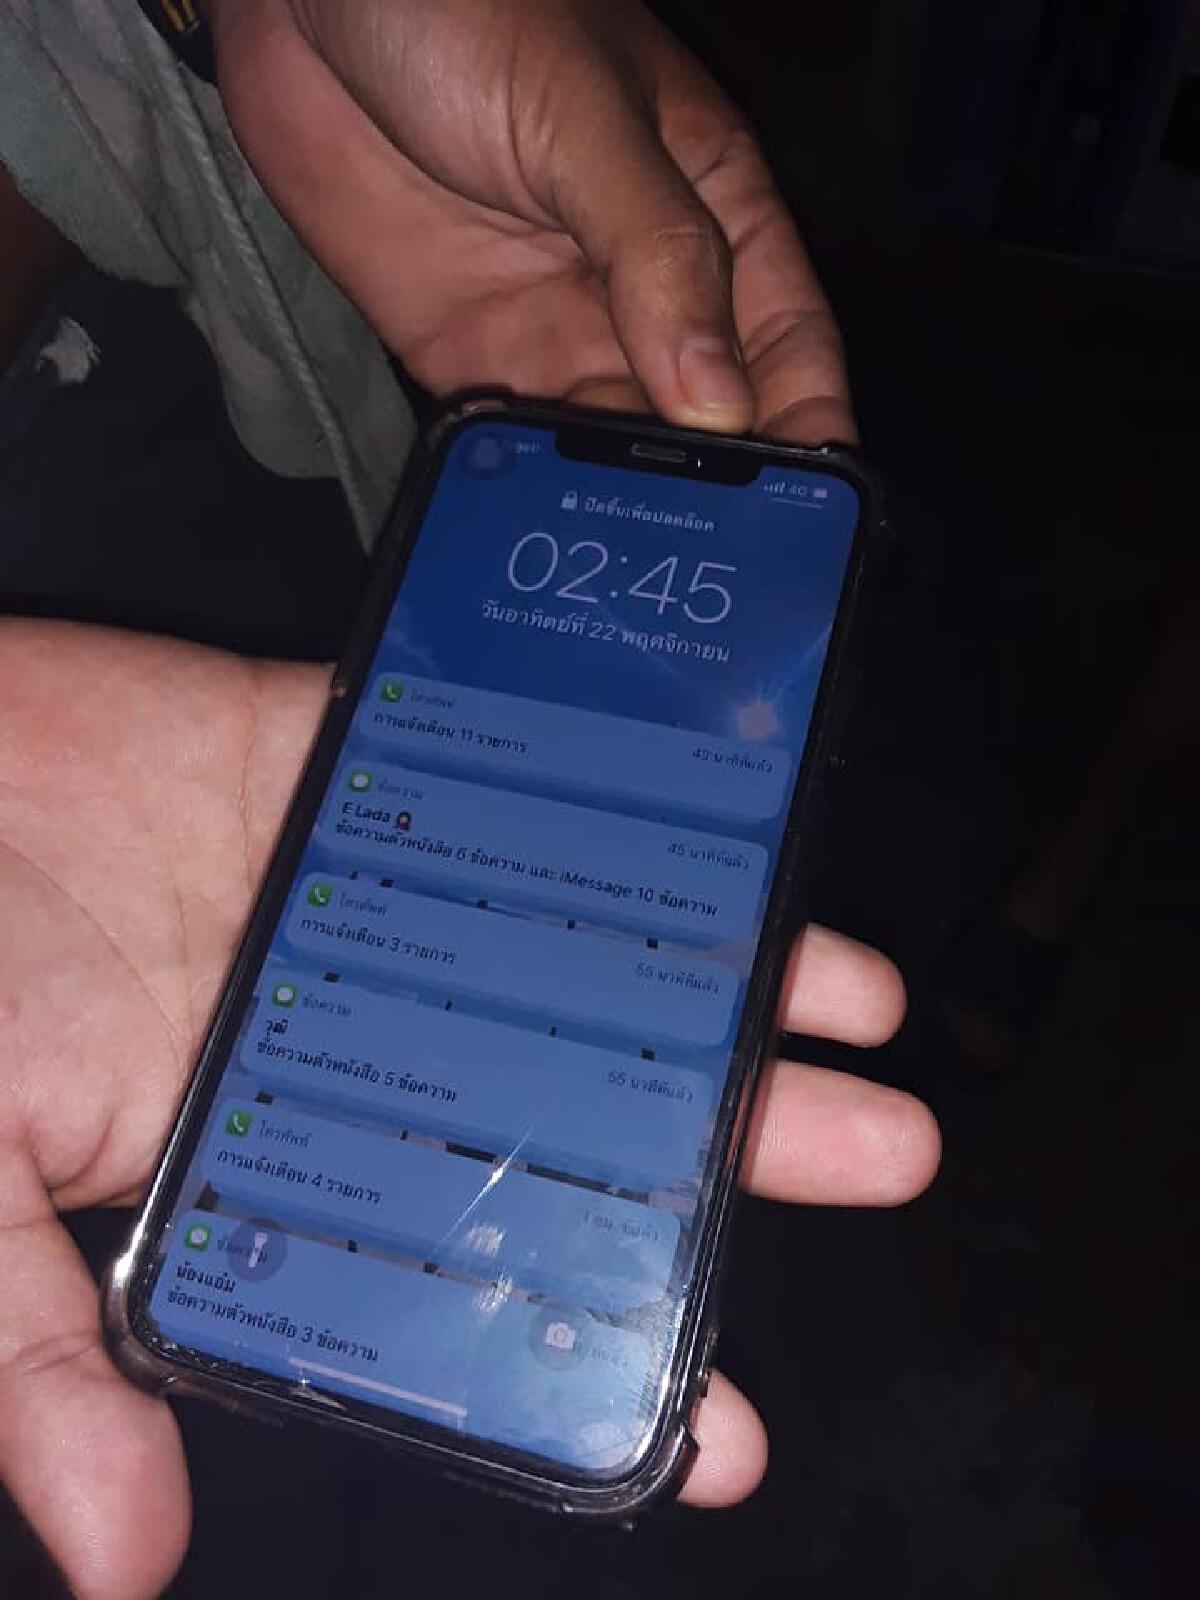 ชื่นชม! หนุ่มพลเมืองดี เก็บไอโฟน 11 ได้ รีบโพสต์ประกาศตามหาเจ้าของ